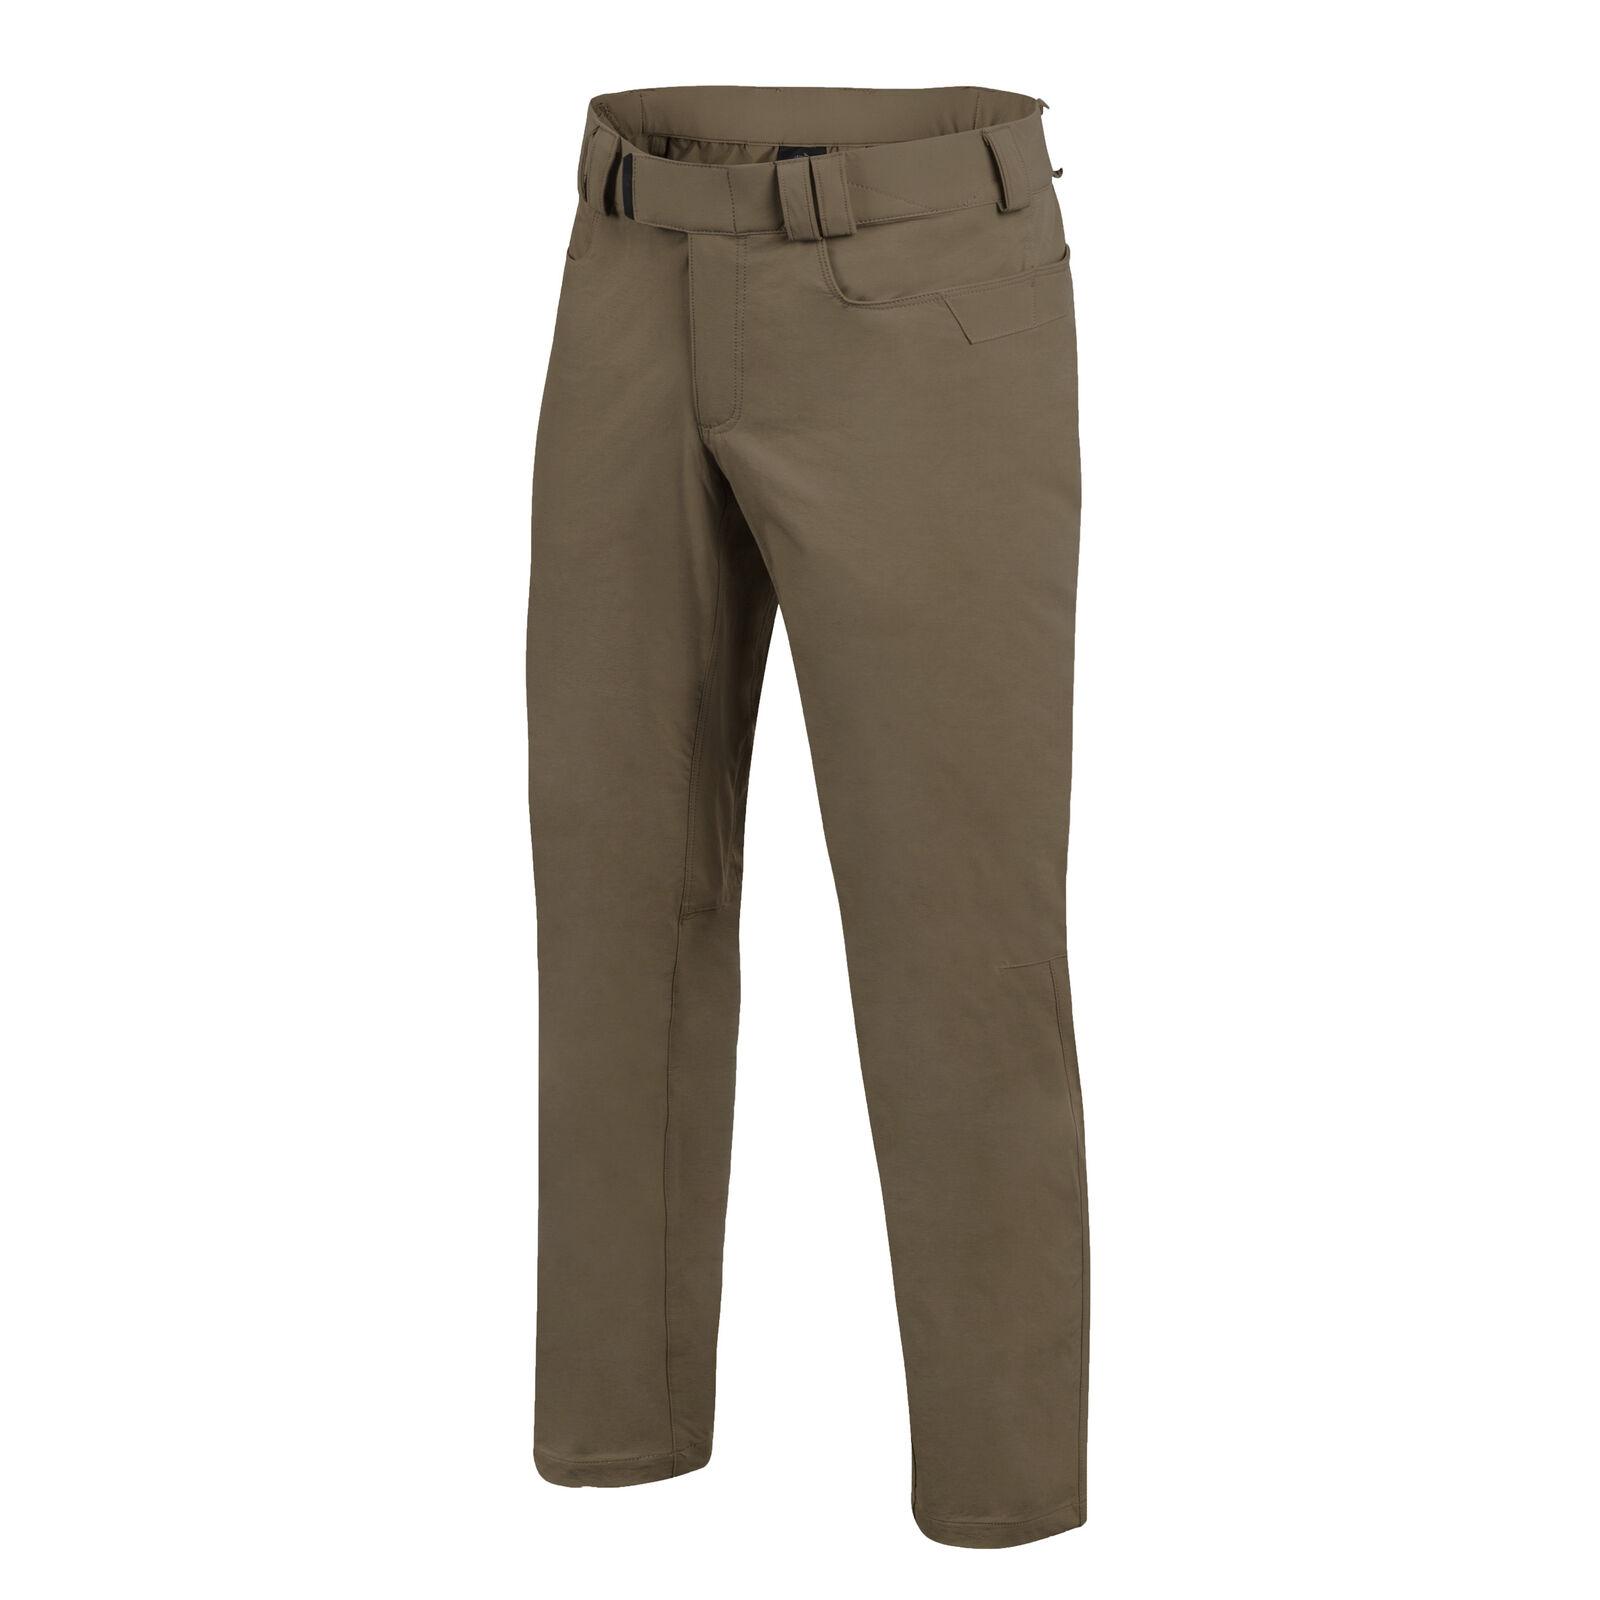 HELIKON-Tex Coverde Tactical Pants-versastretch Mud marrón